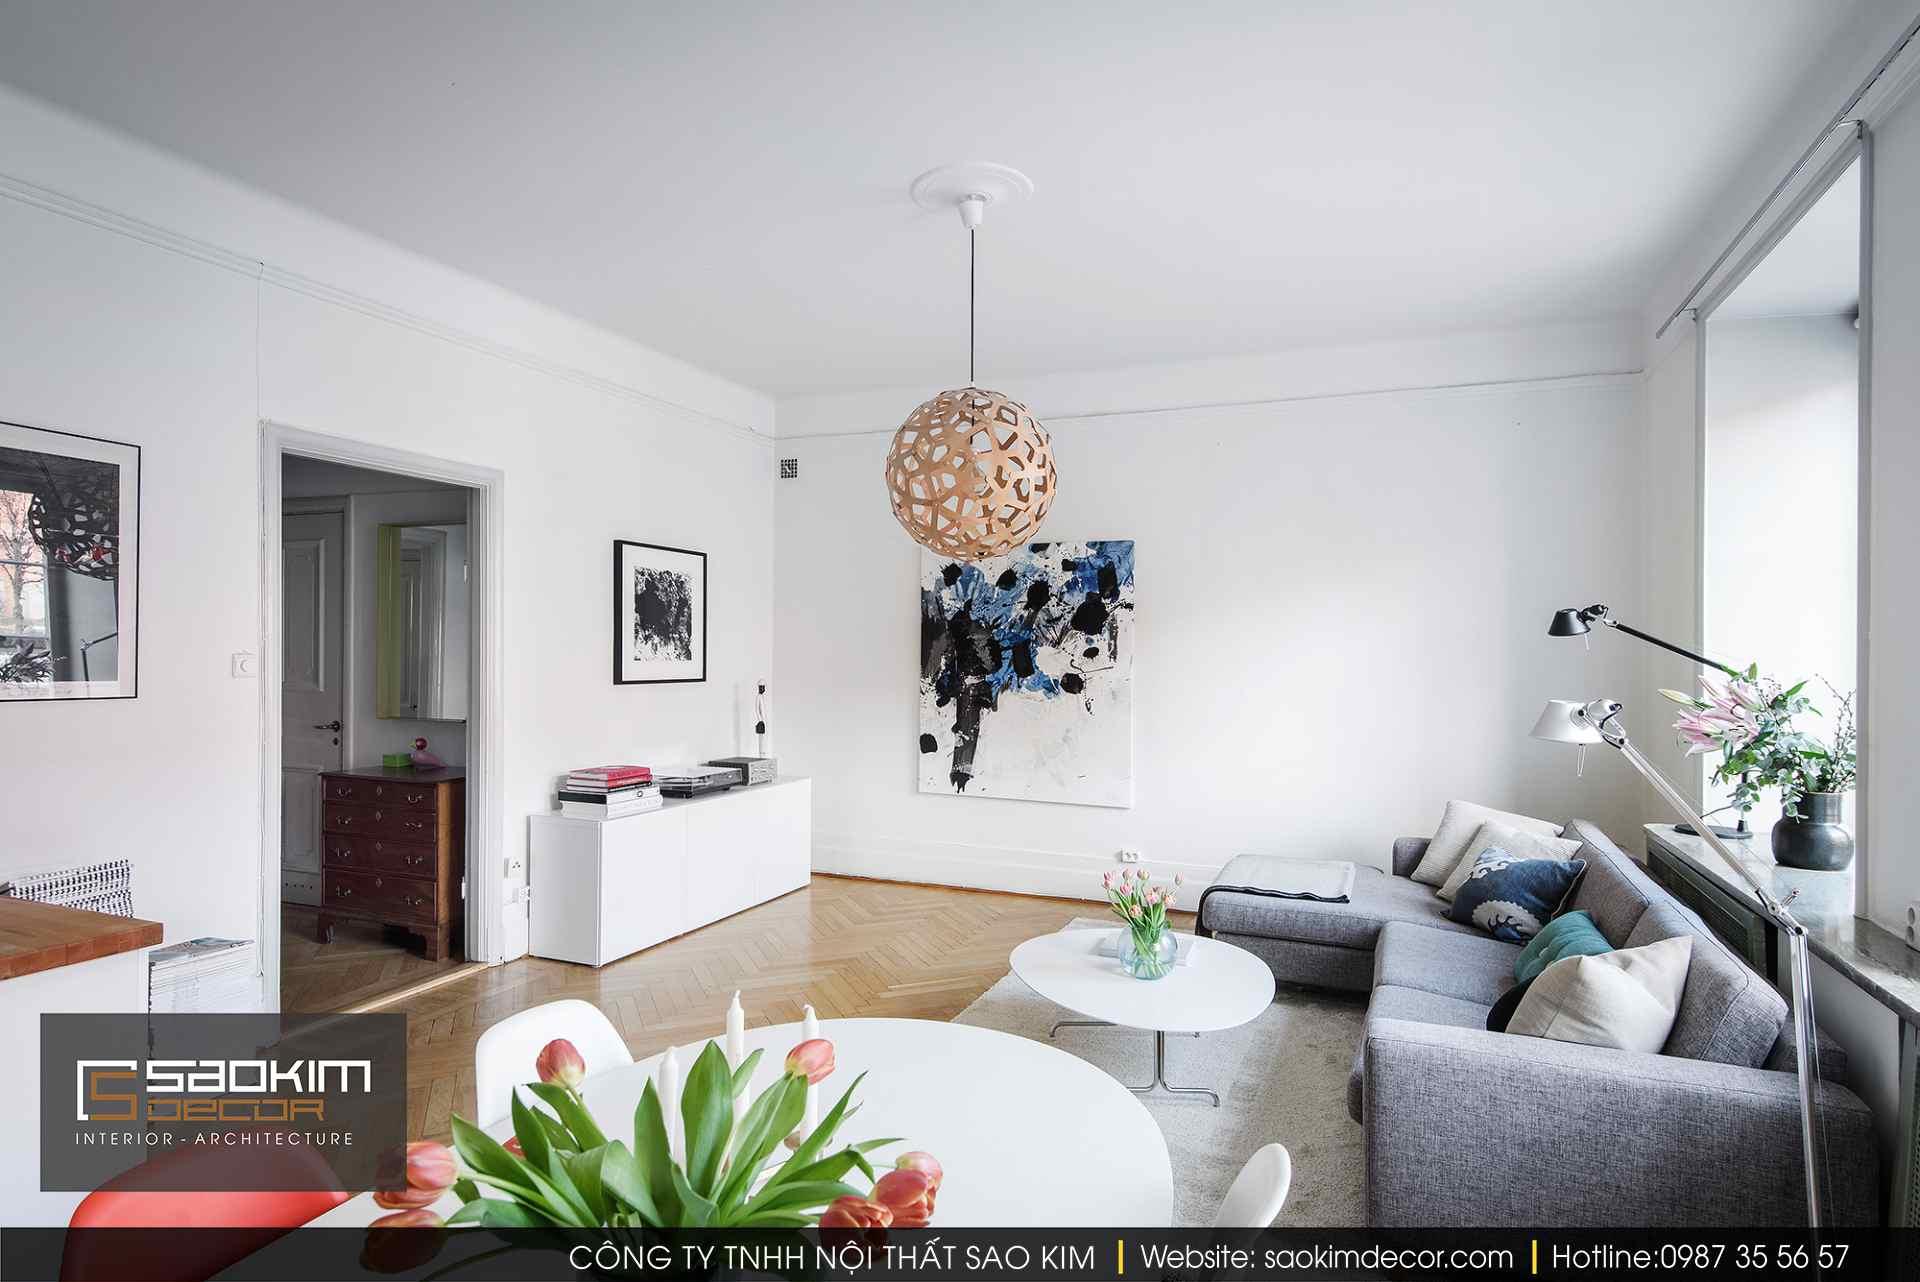 Thiết kế và thi công nội thất phòng khách phong cách Scandinavian (Bắc Âu)